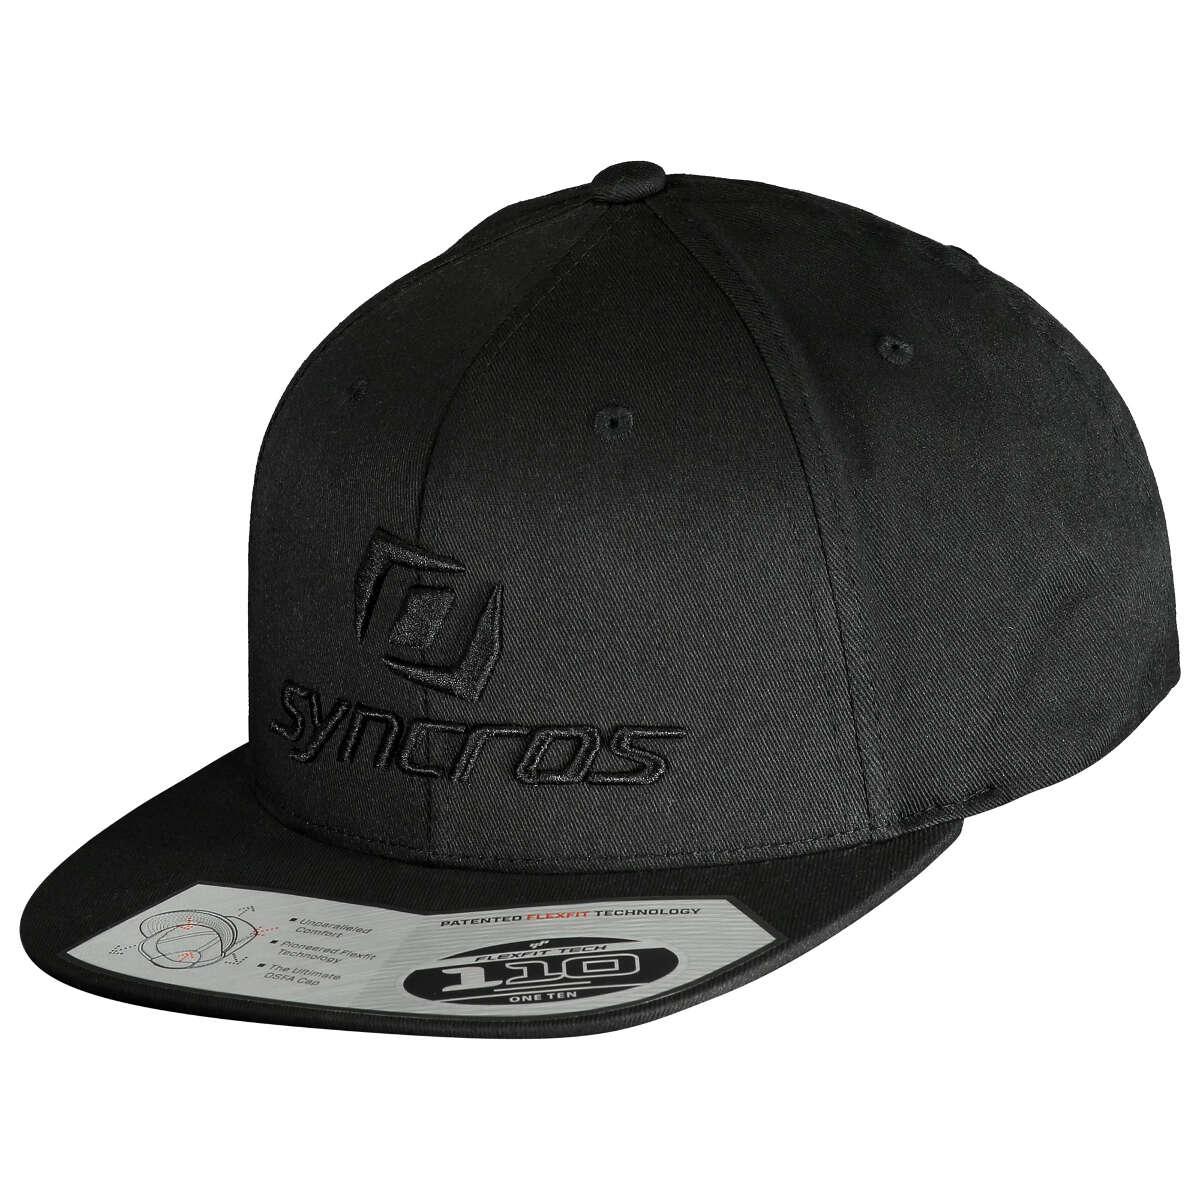 dobra jakość taniej San Francisco Scott Flexfit Cap Syncros Precision Black